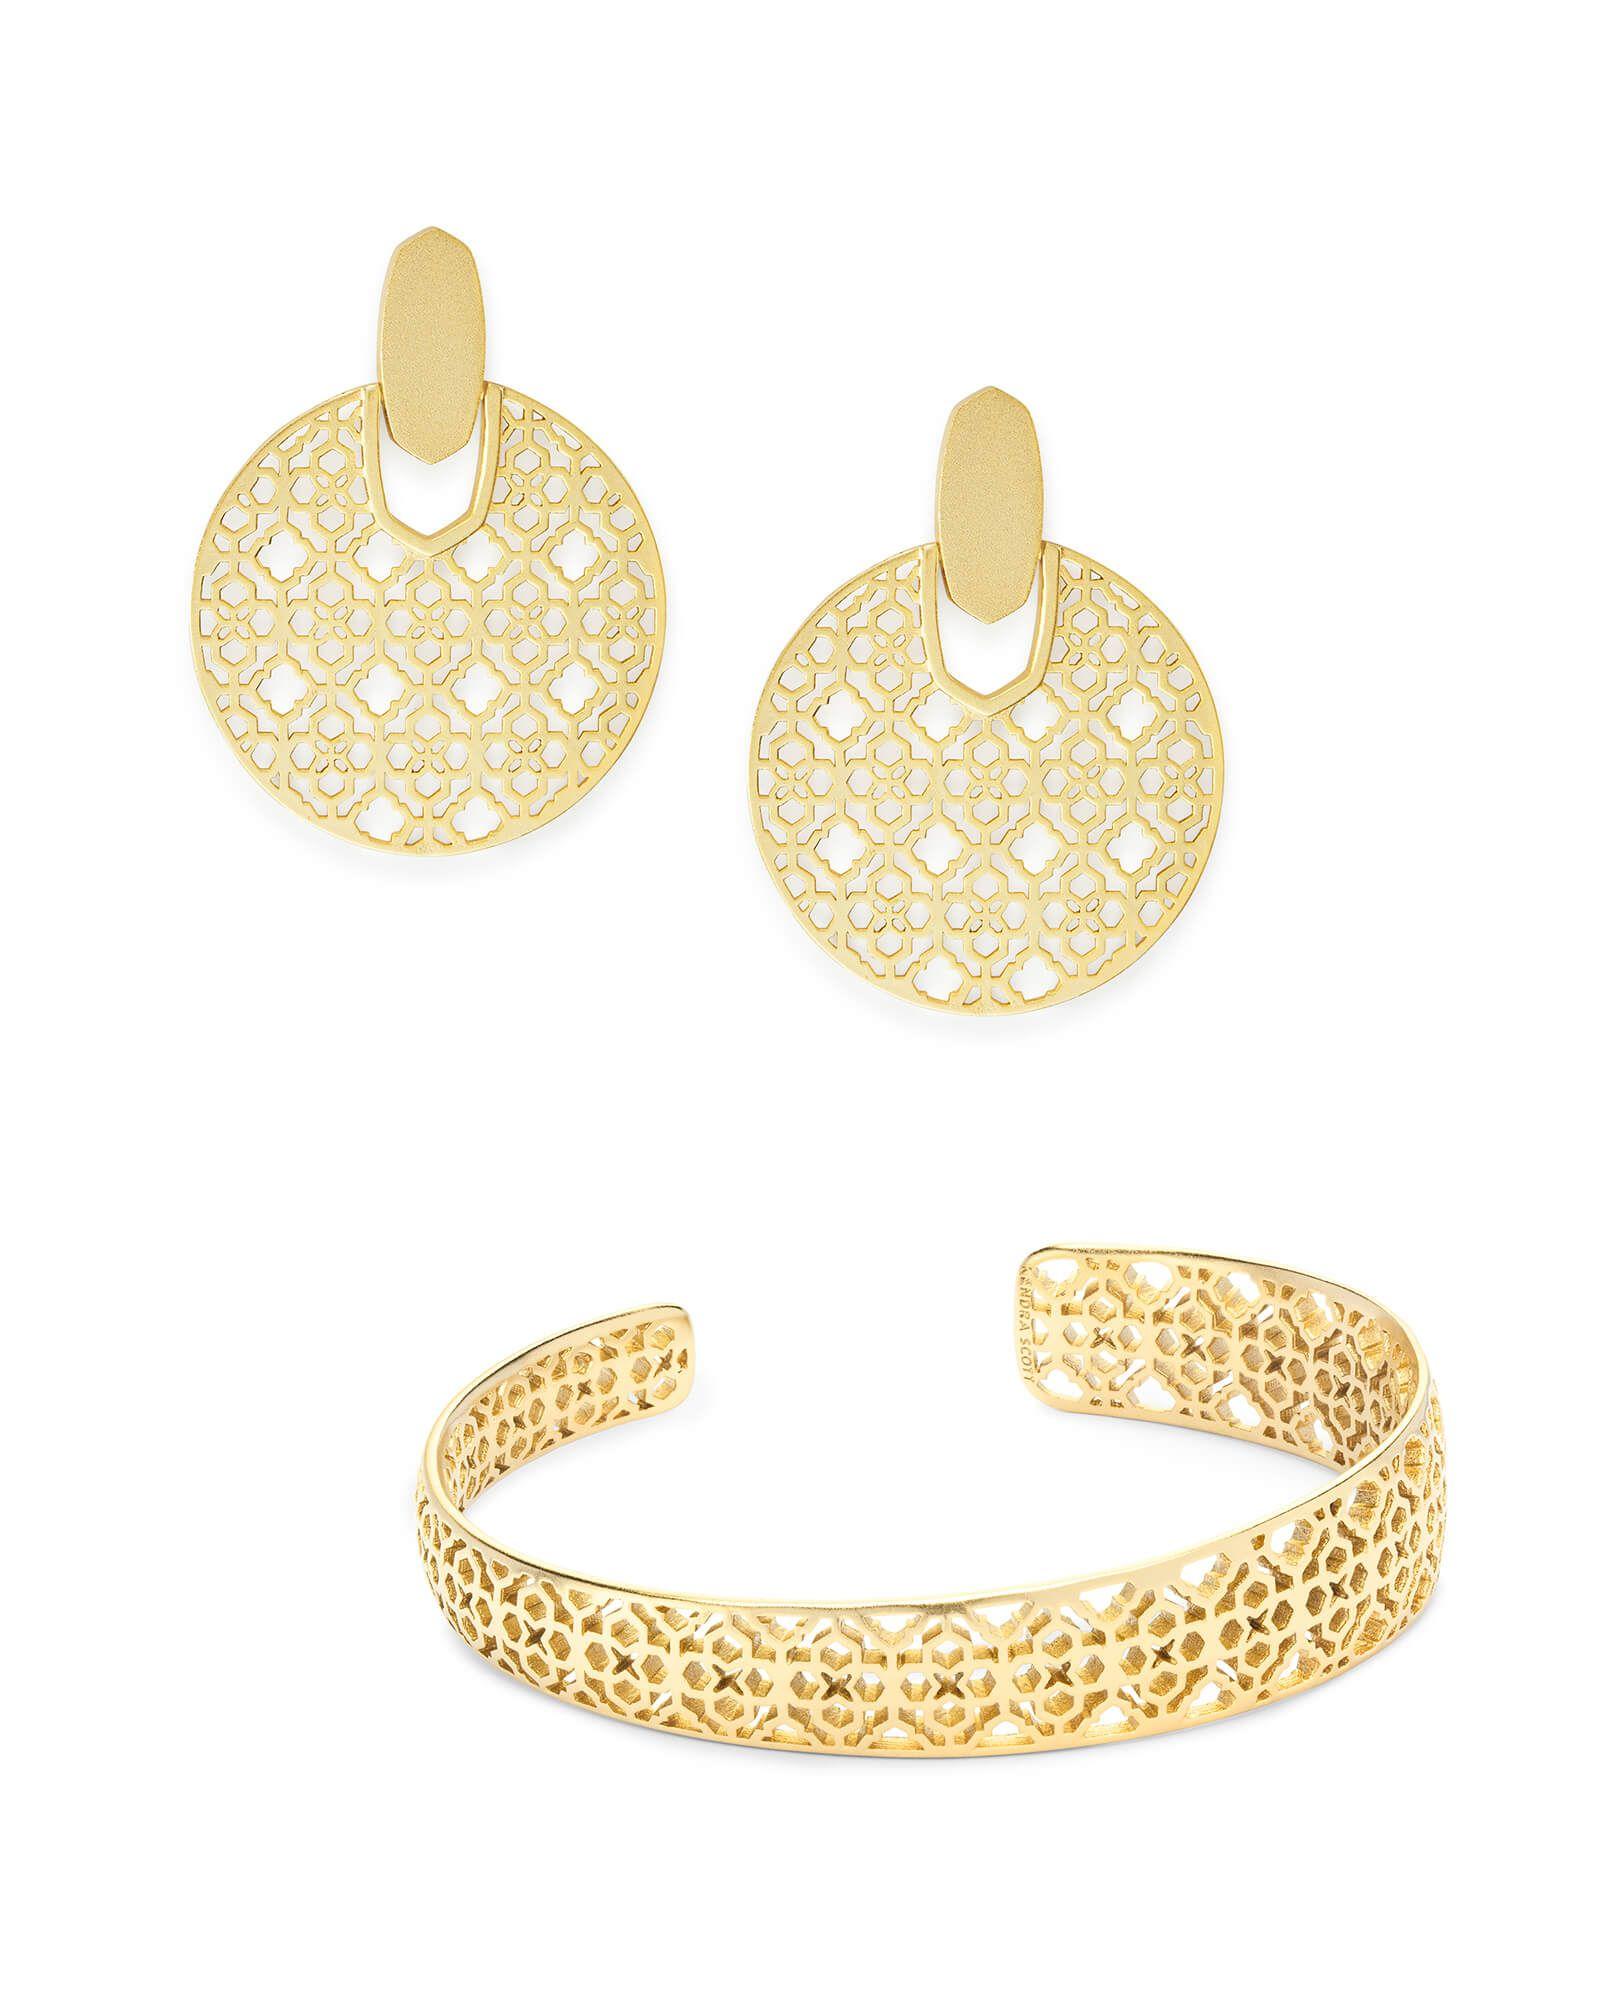 d994b225a6d2b Save $17 when you buy both the Kendra Scott Uma Cuff Bracelet In ...